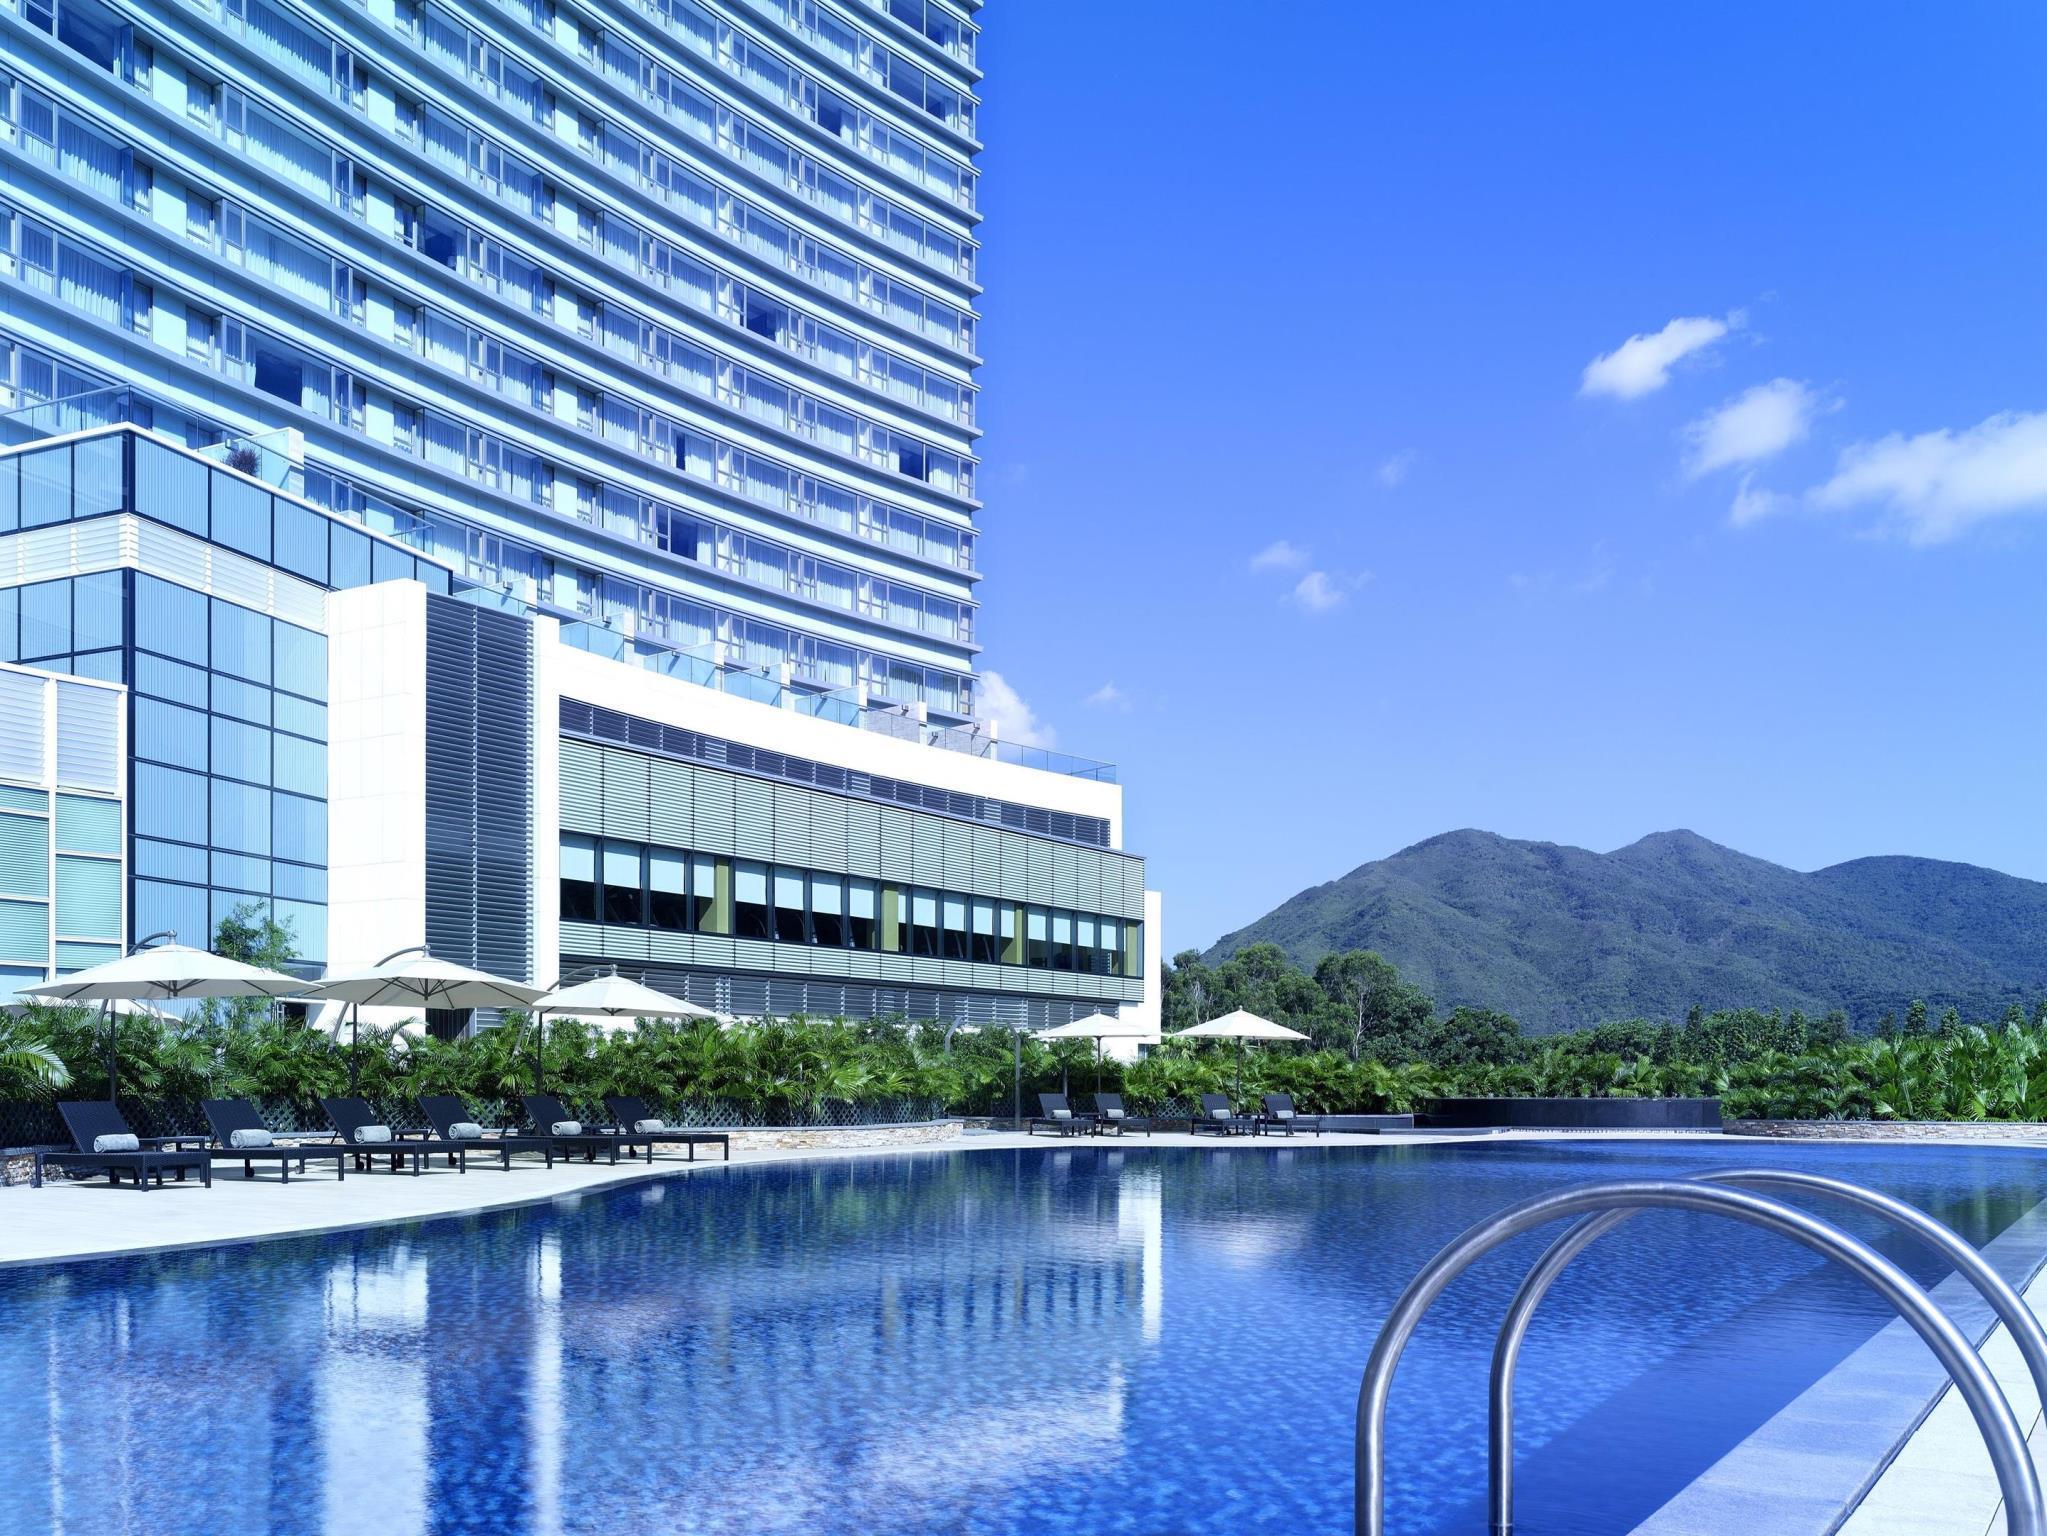 Hyatt Regency Sha Tin Hotel